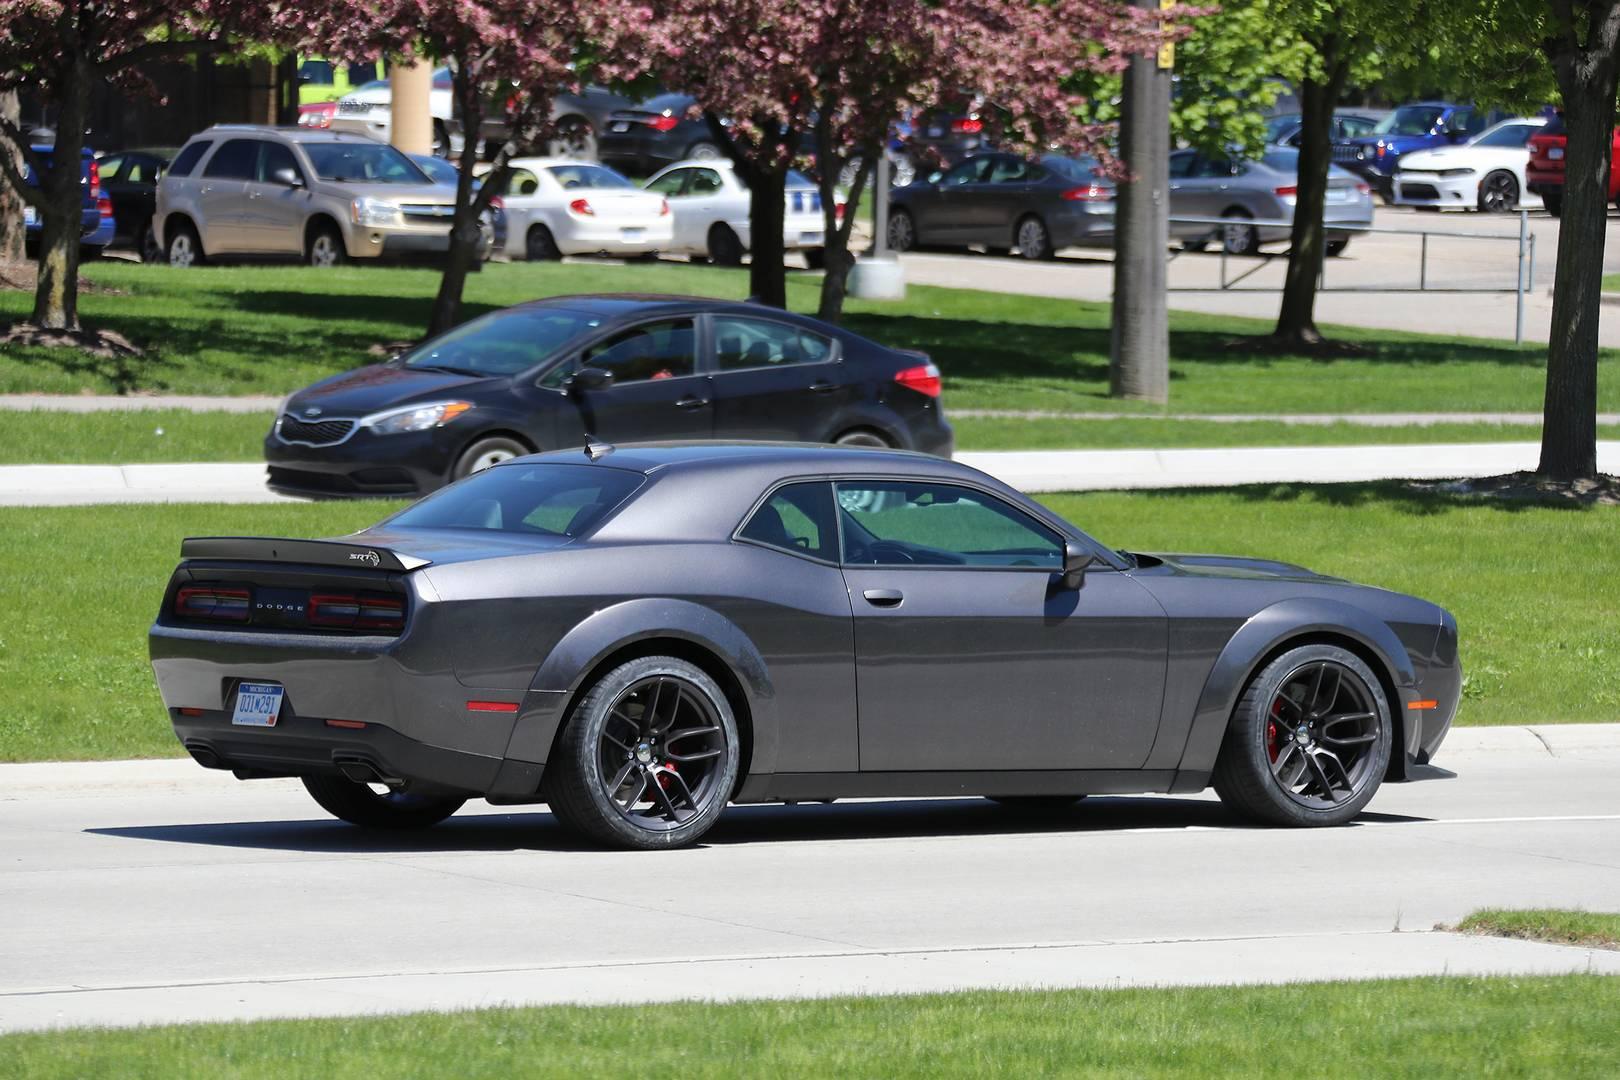 По слухам этот расширенный SRT Hellcat должен удовлетворить тех, кто хочет, чтобы их автомобиль выглядел как Demon, но не хочет в полной мере участвовать в гонках.